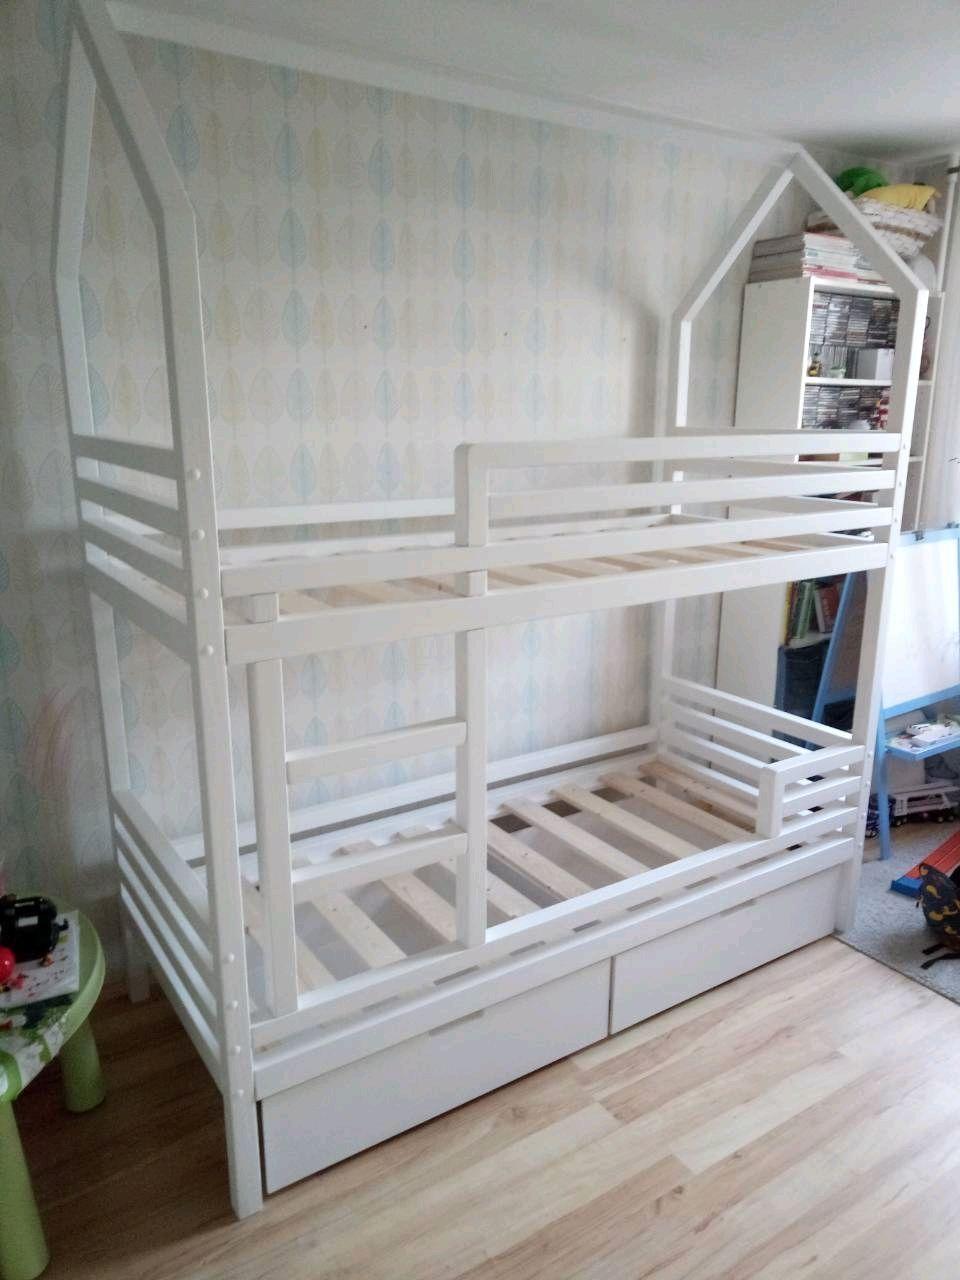 Двухьярусная кровать домик, Кровати, Санкт-Петербург,  Фото №1